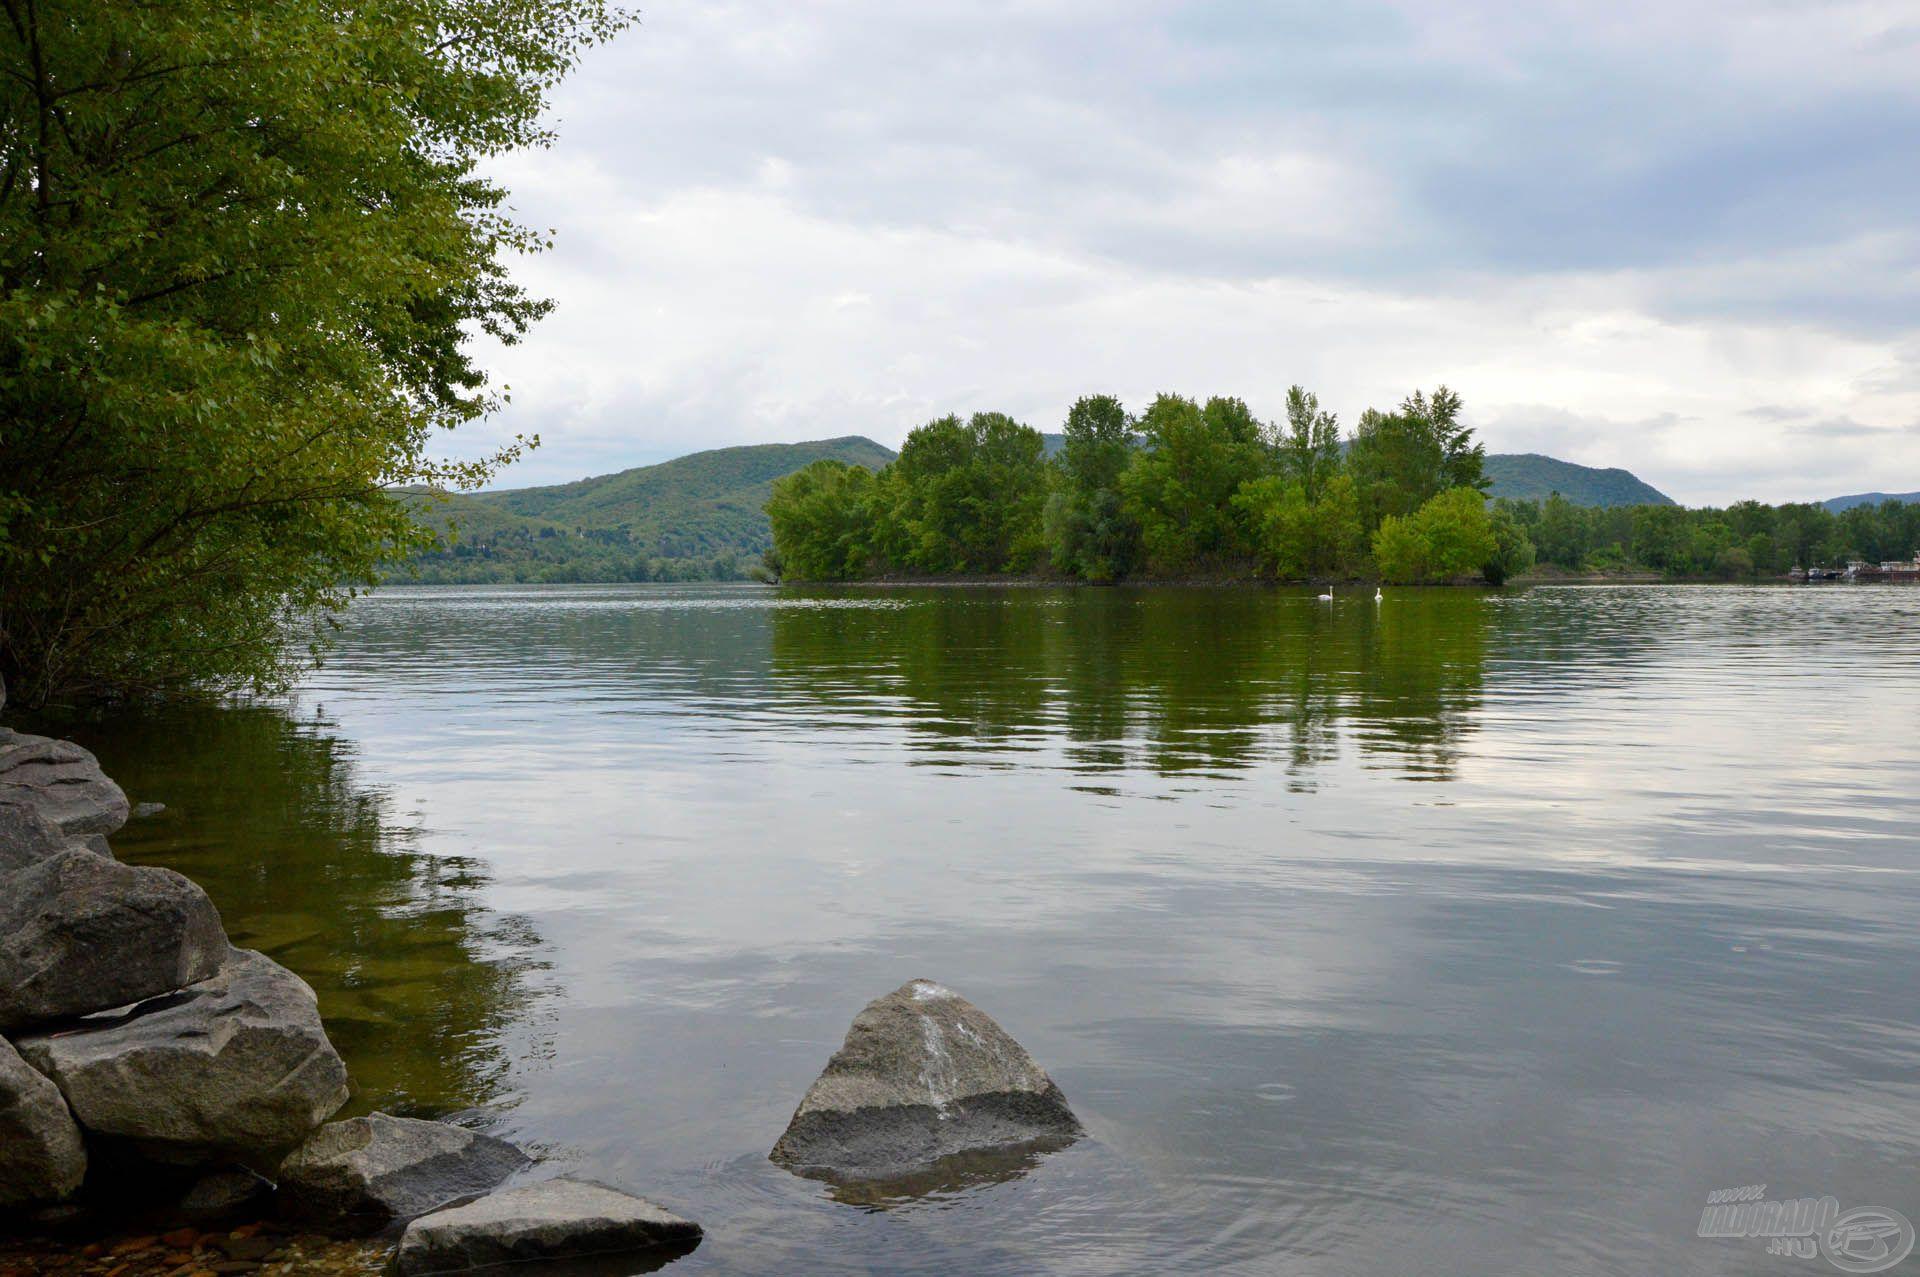 """Balra a Duna, míg jobbra a Pilismaróti- öböl. Az öbölbejáratnál mindig nagy a """"forgalom"""", így ennek közelében érdemes keszegfélékre horgászni"""